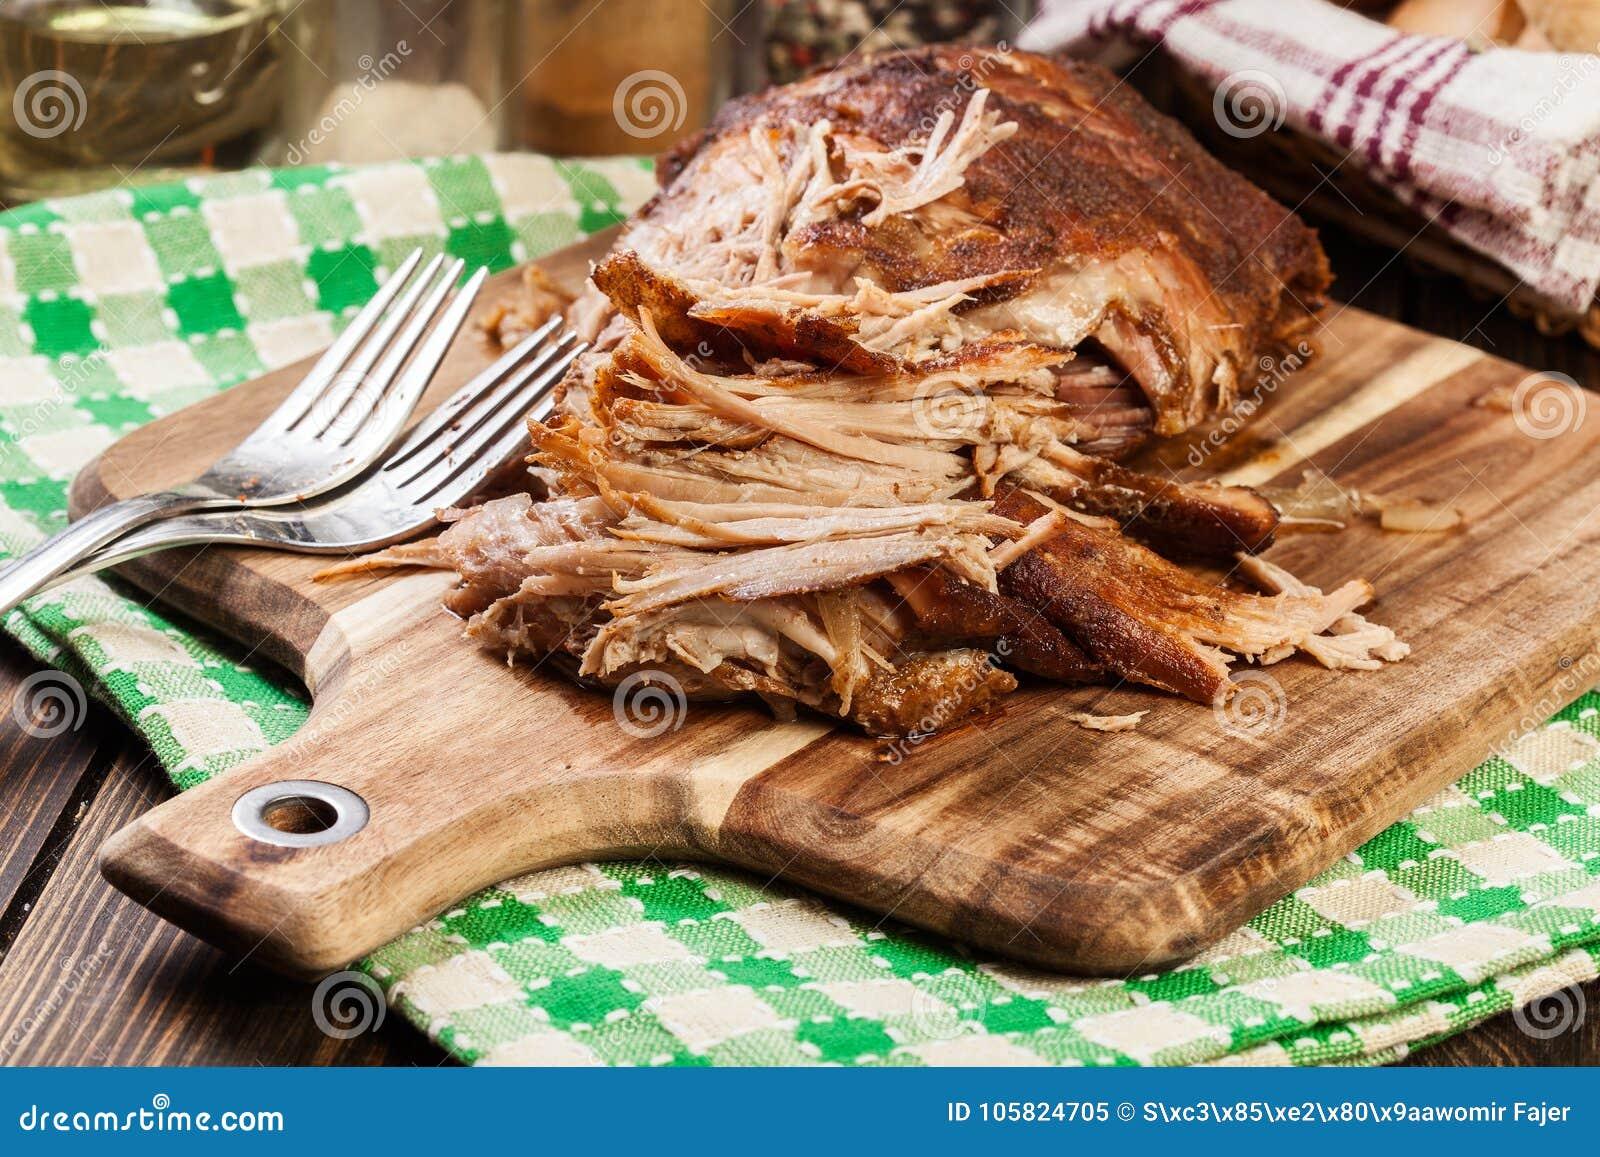 Retarde o ombro de carne de porco puxado cozinhado